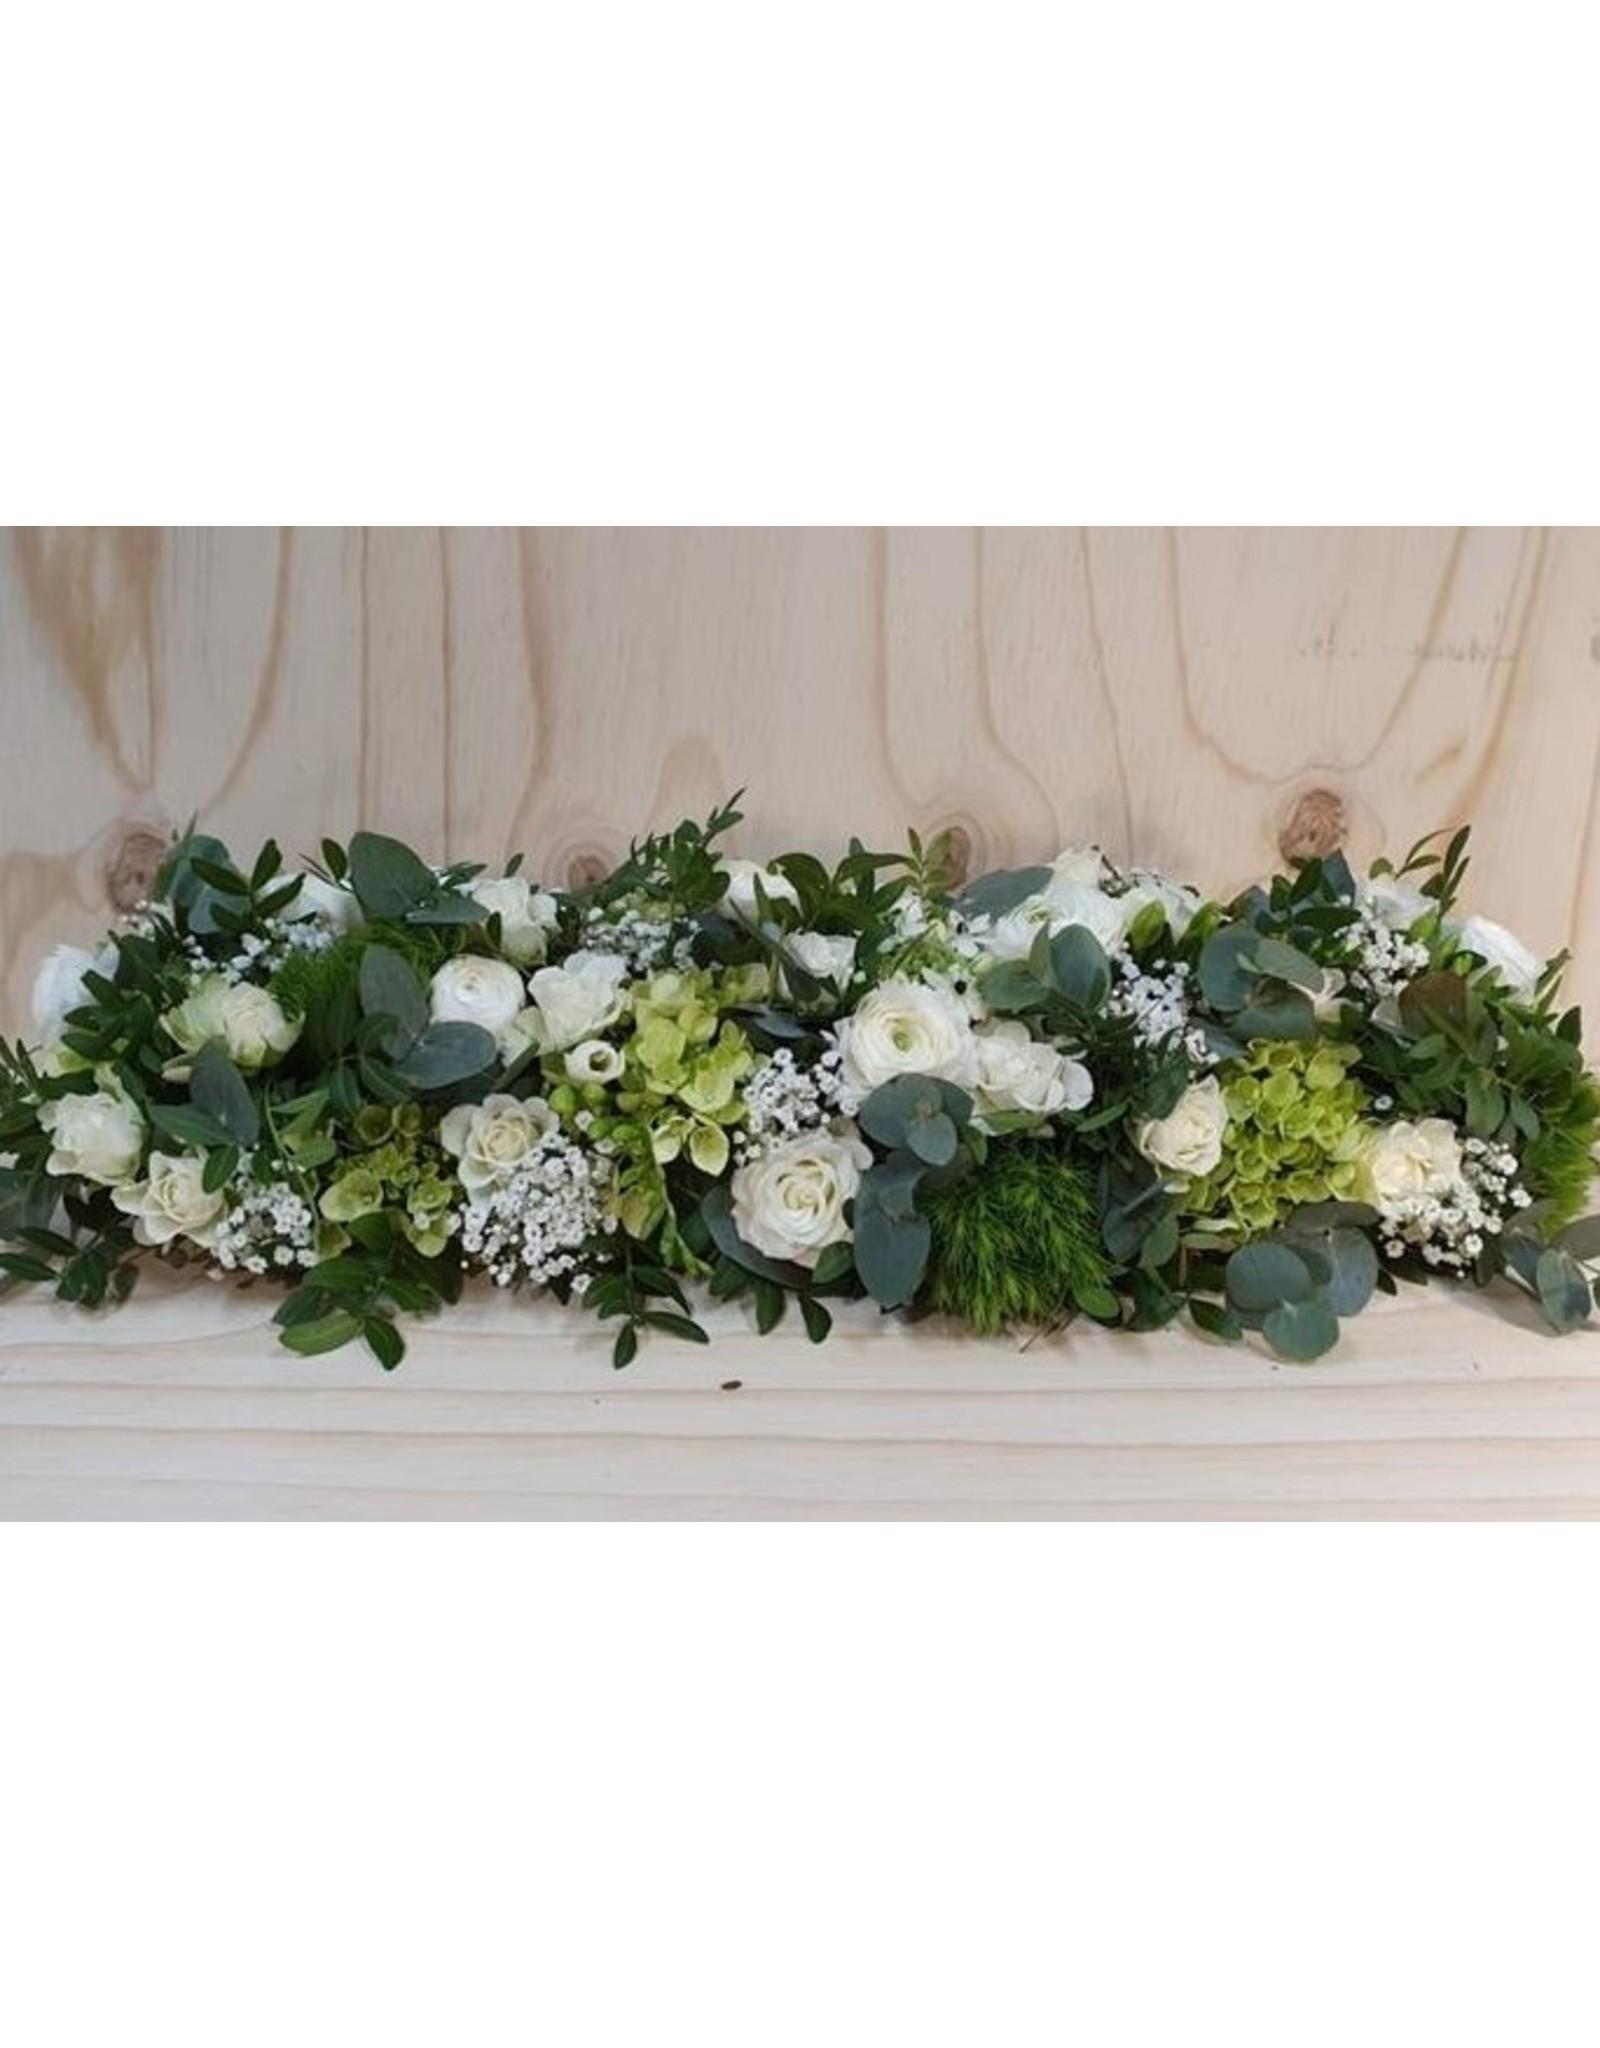 vol stuk voor altaar of kist met rozen en andere fijne bloemen